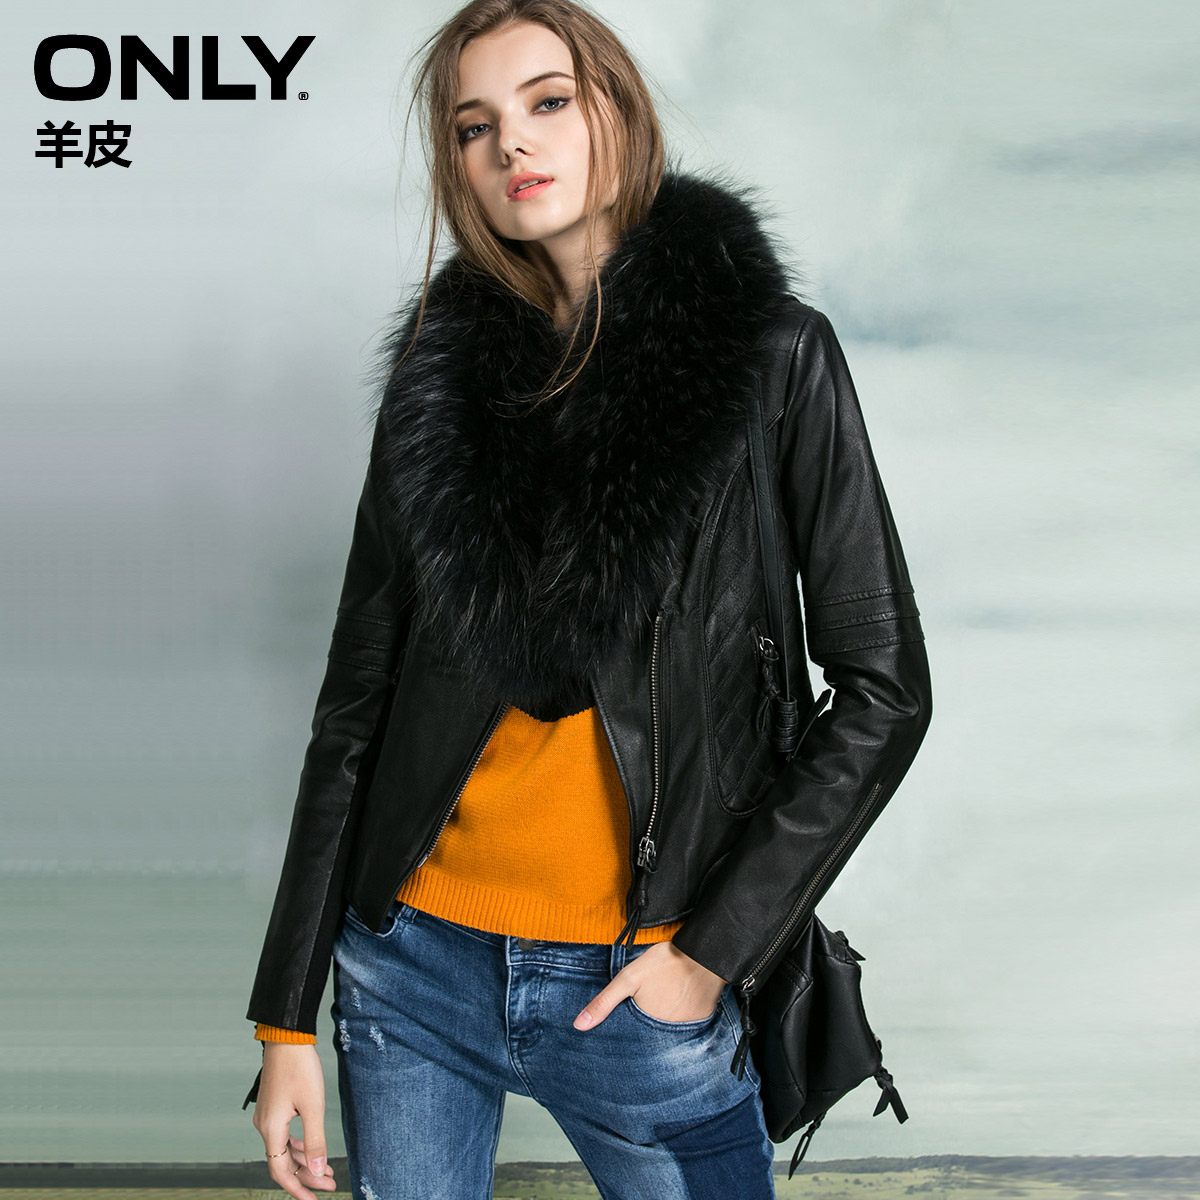 猪皮皮衣 ONLY猪皮修身夹棉皮衣夹克女T 115328004_推荐淘宝好看的猪皮皮衣女